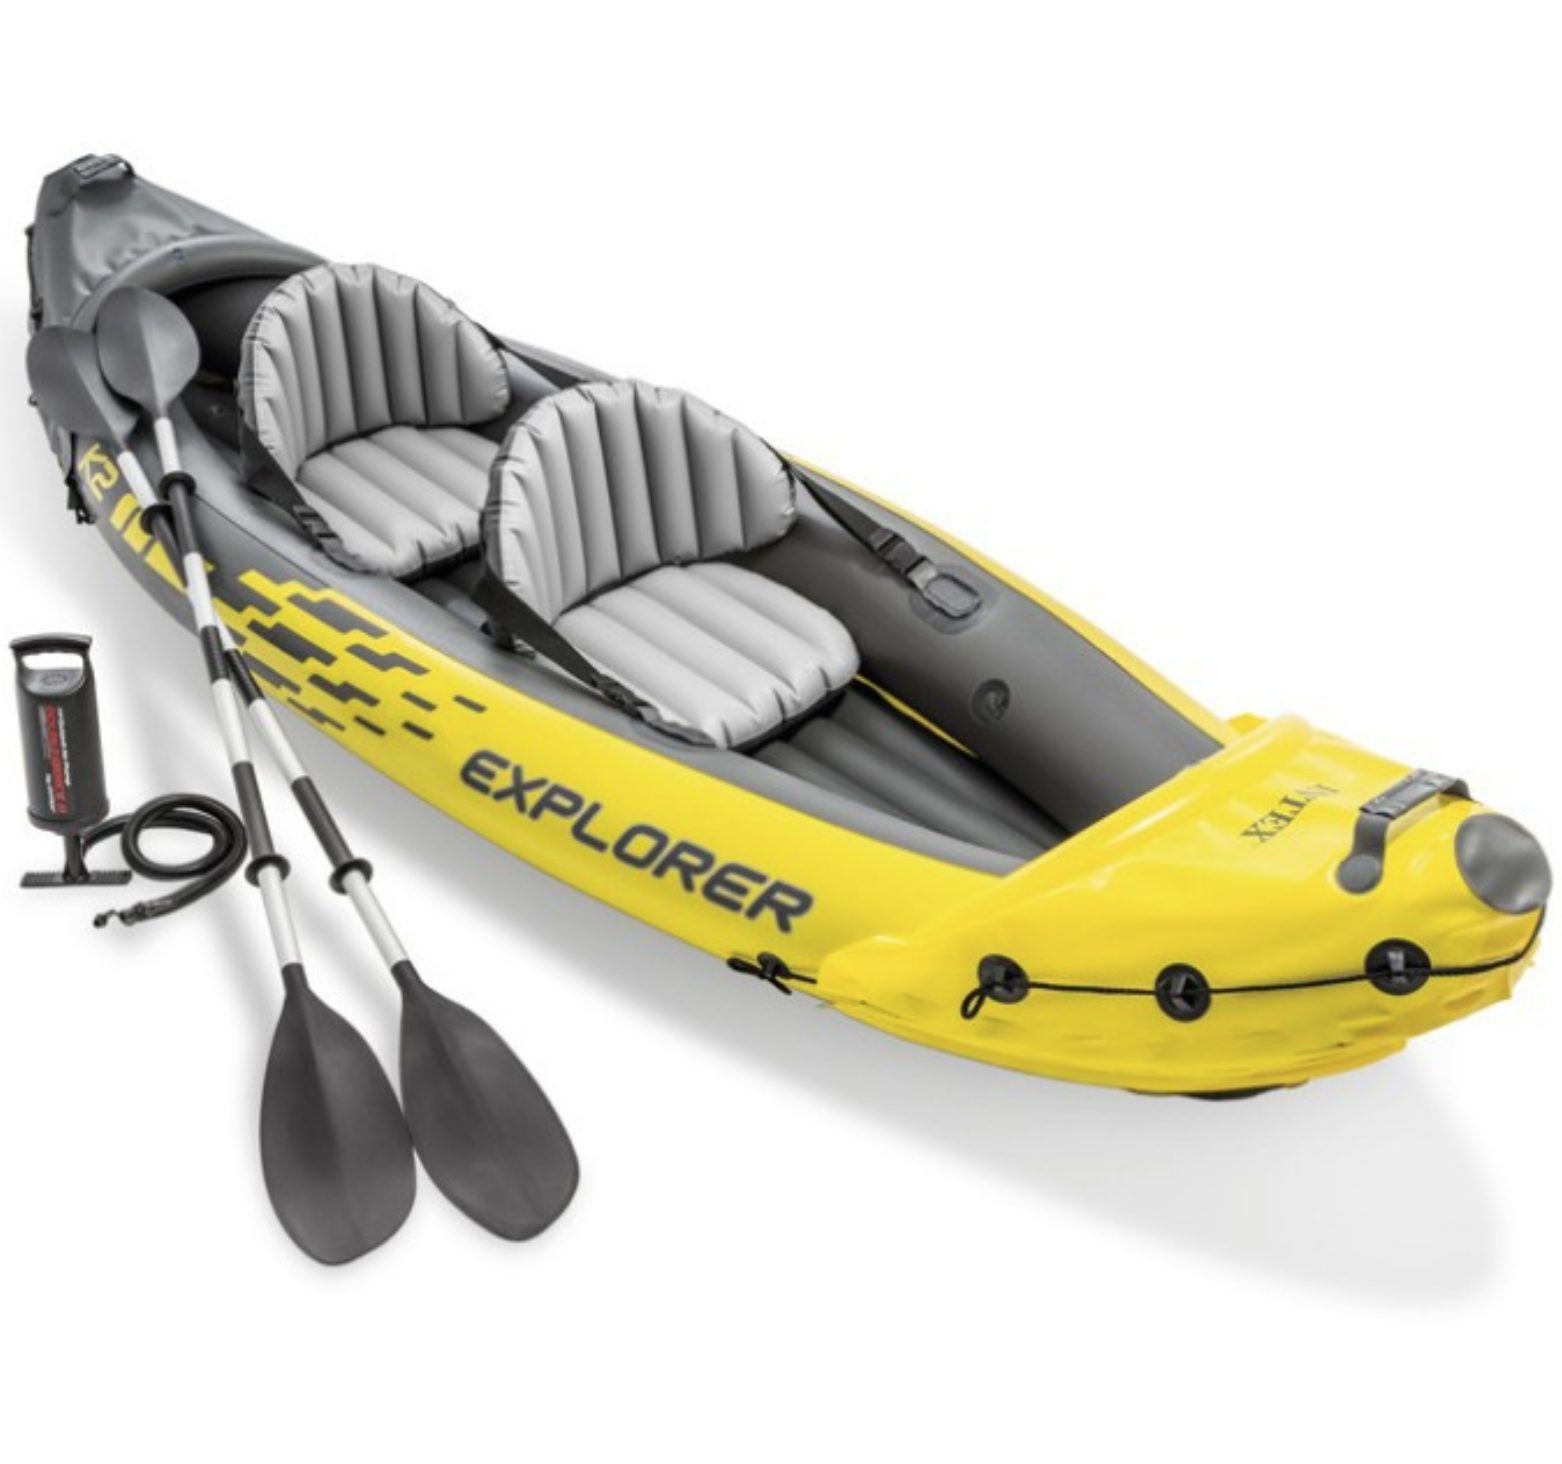 Intex Explorer K2 Inflatable Kayak Package